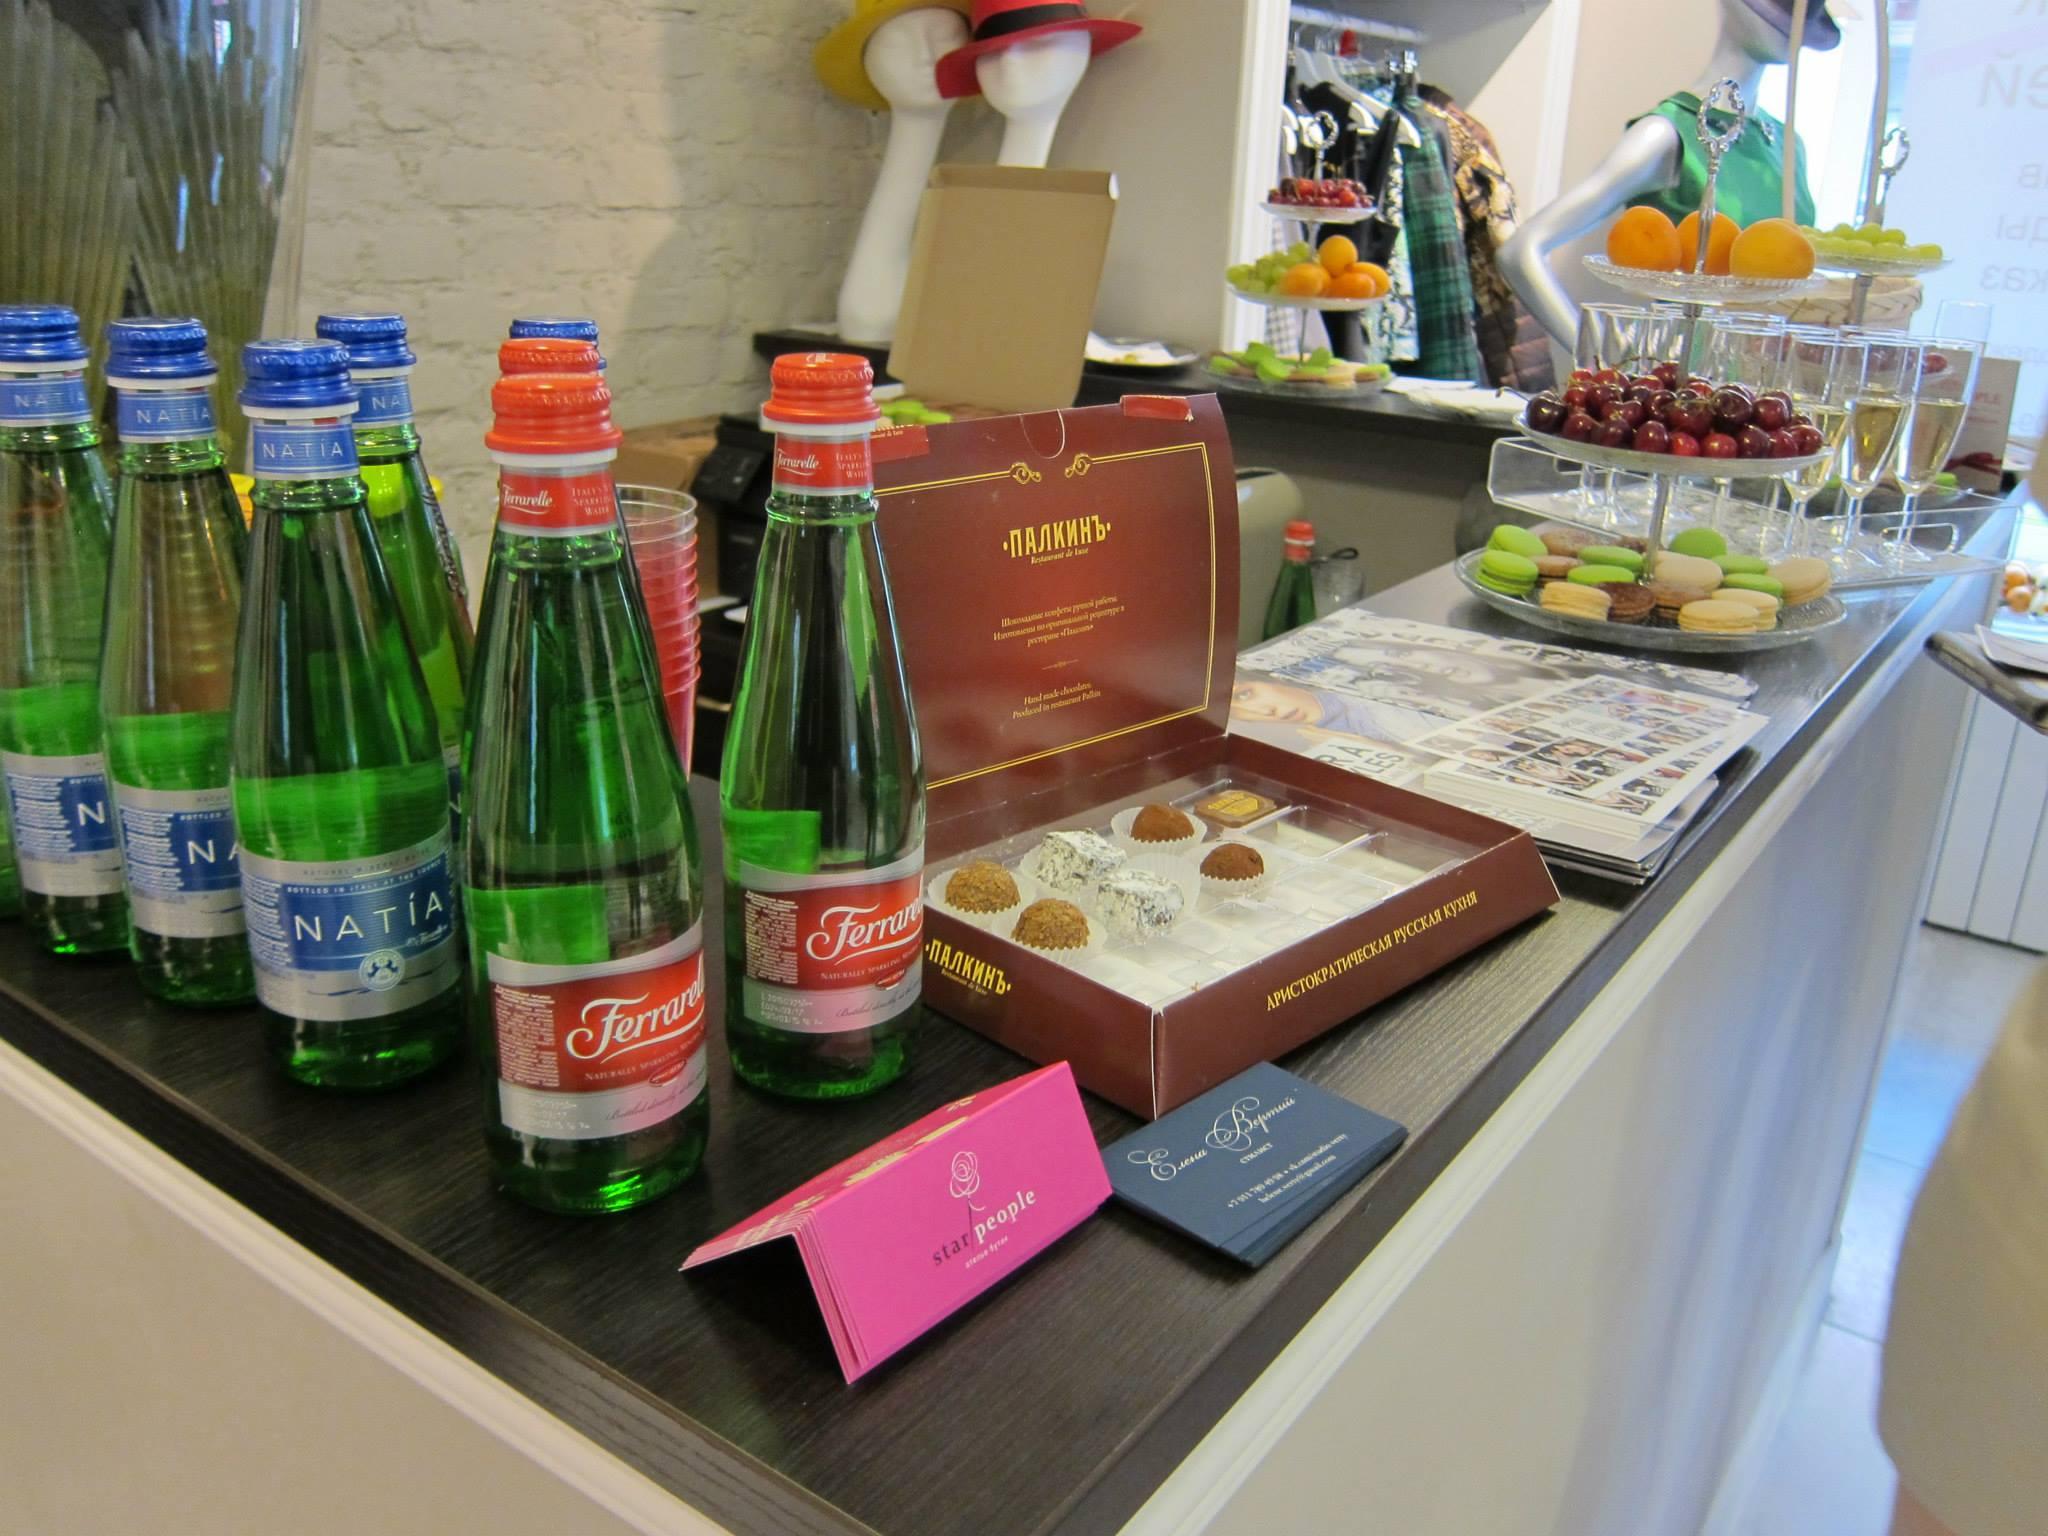 Маркетинговые коммуникации, реклама, мероприятия и PR / Санкт-Петербург